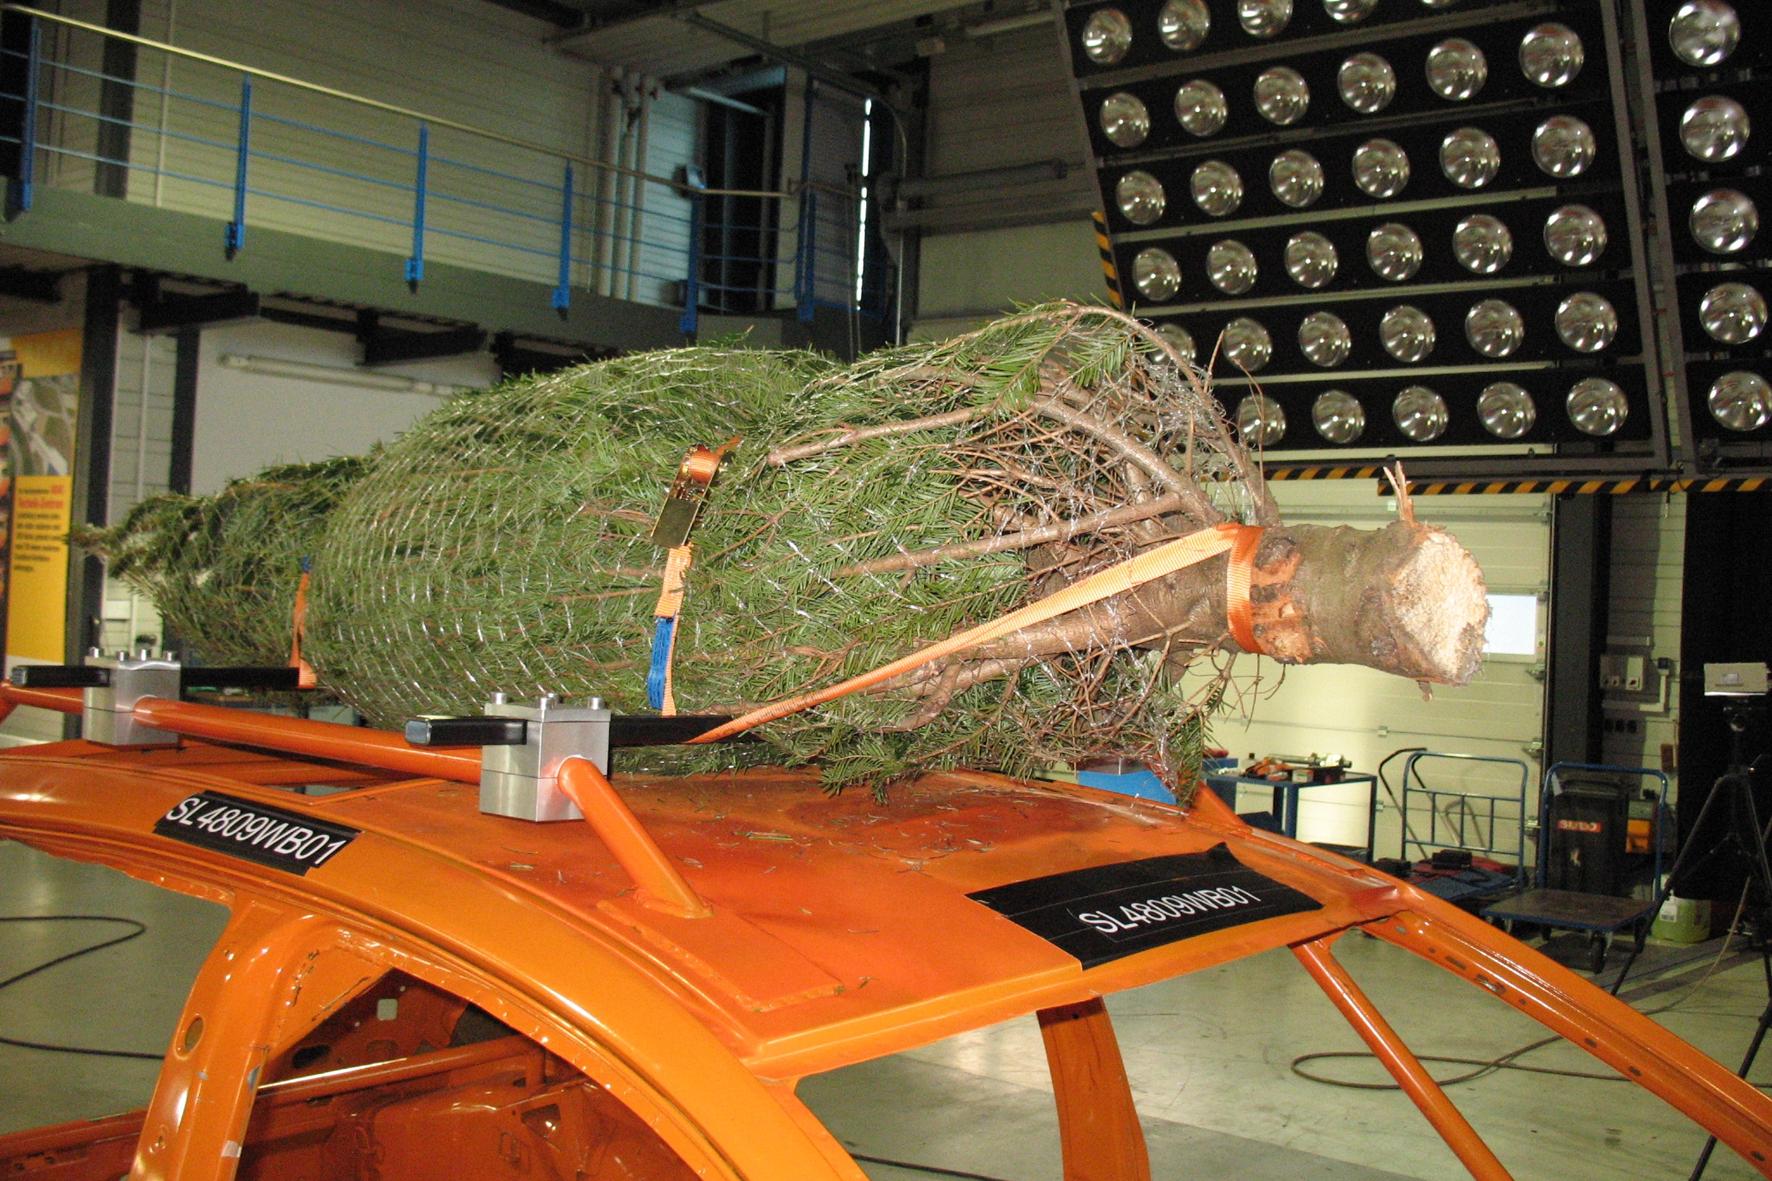 Weihnachtsbaum-Transport mit dem Pkw